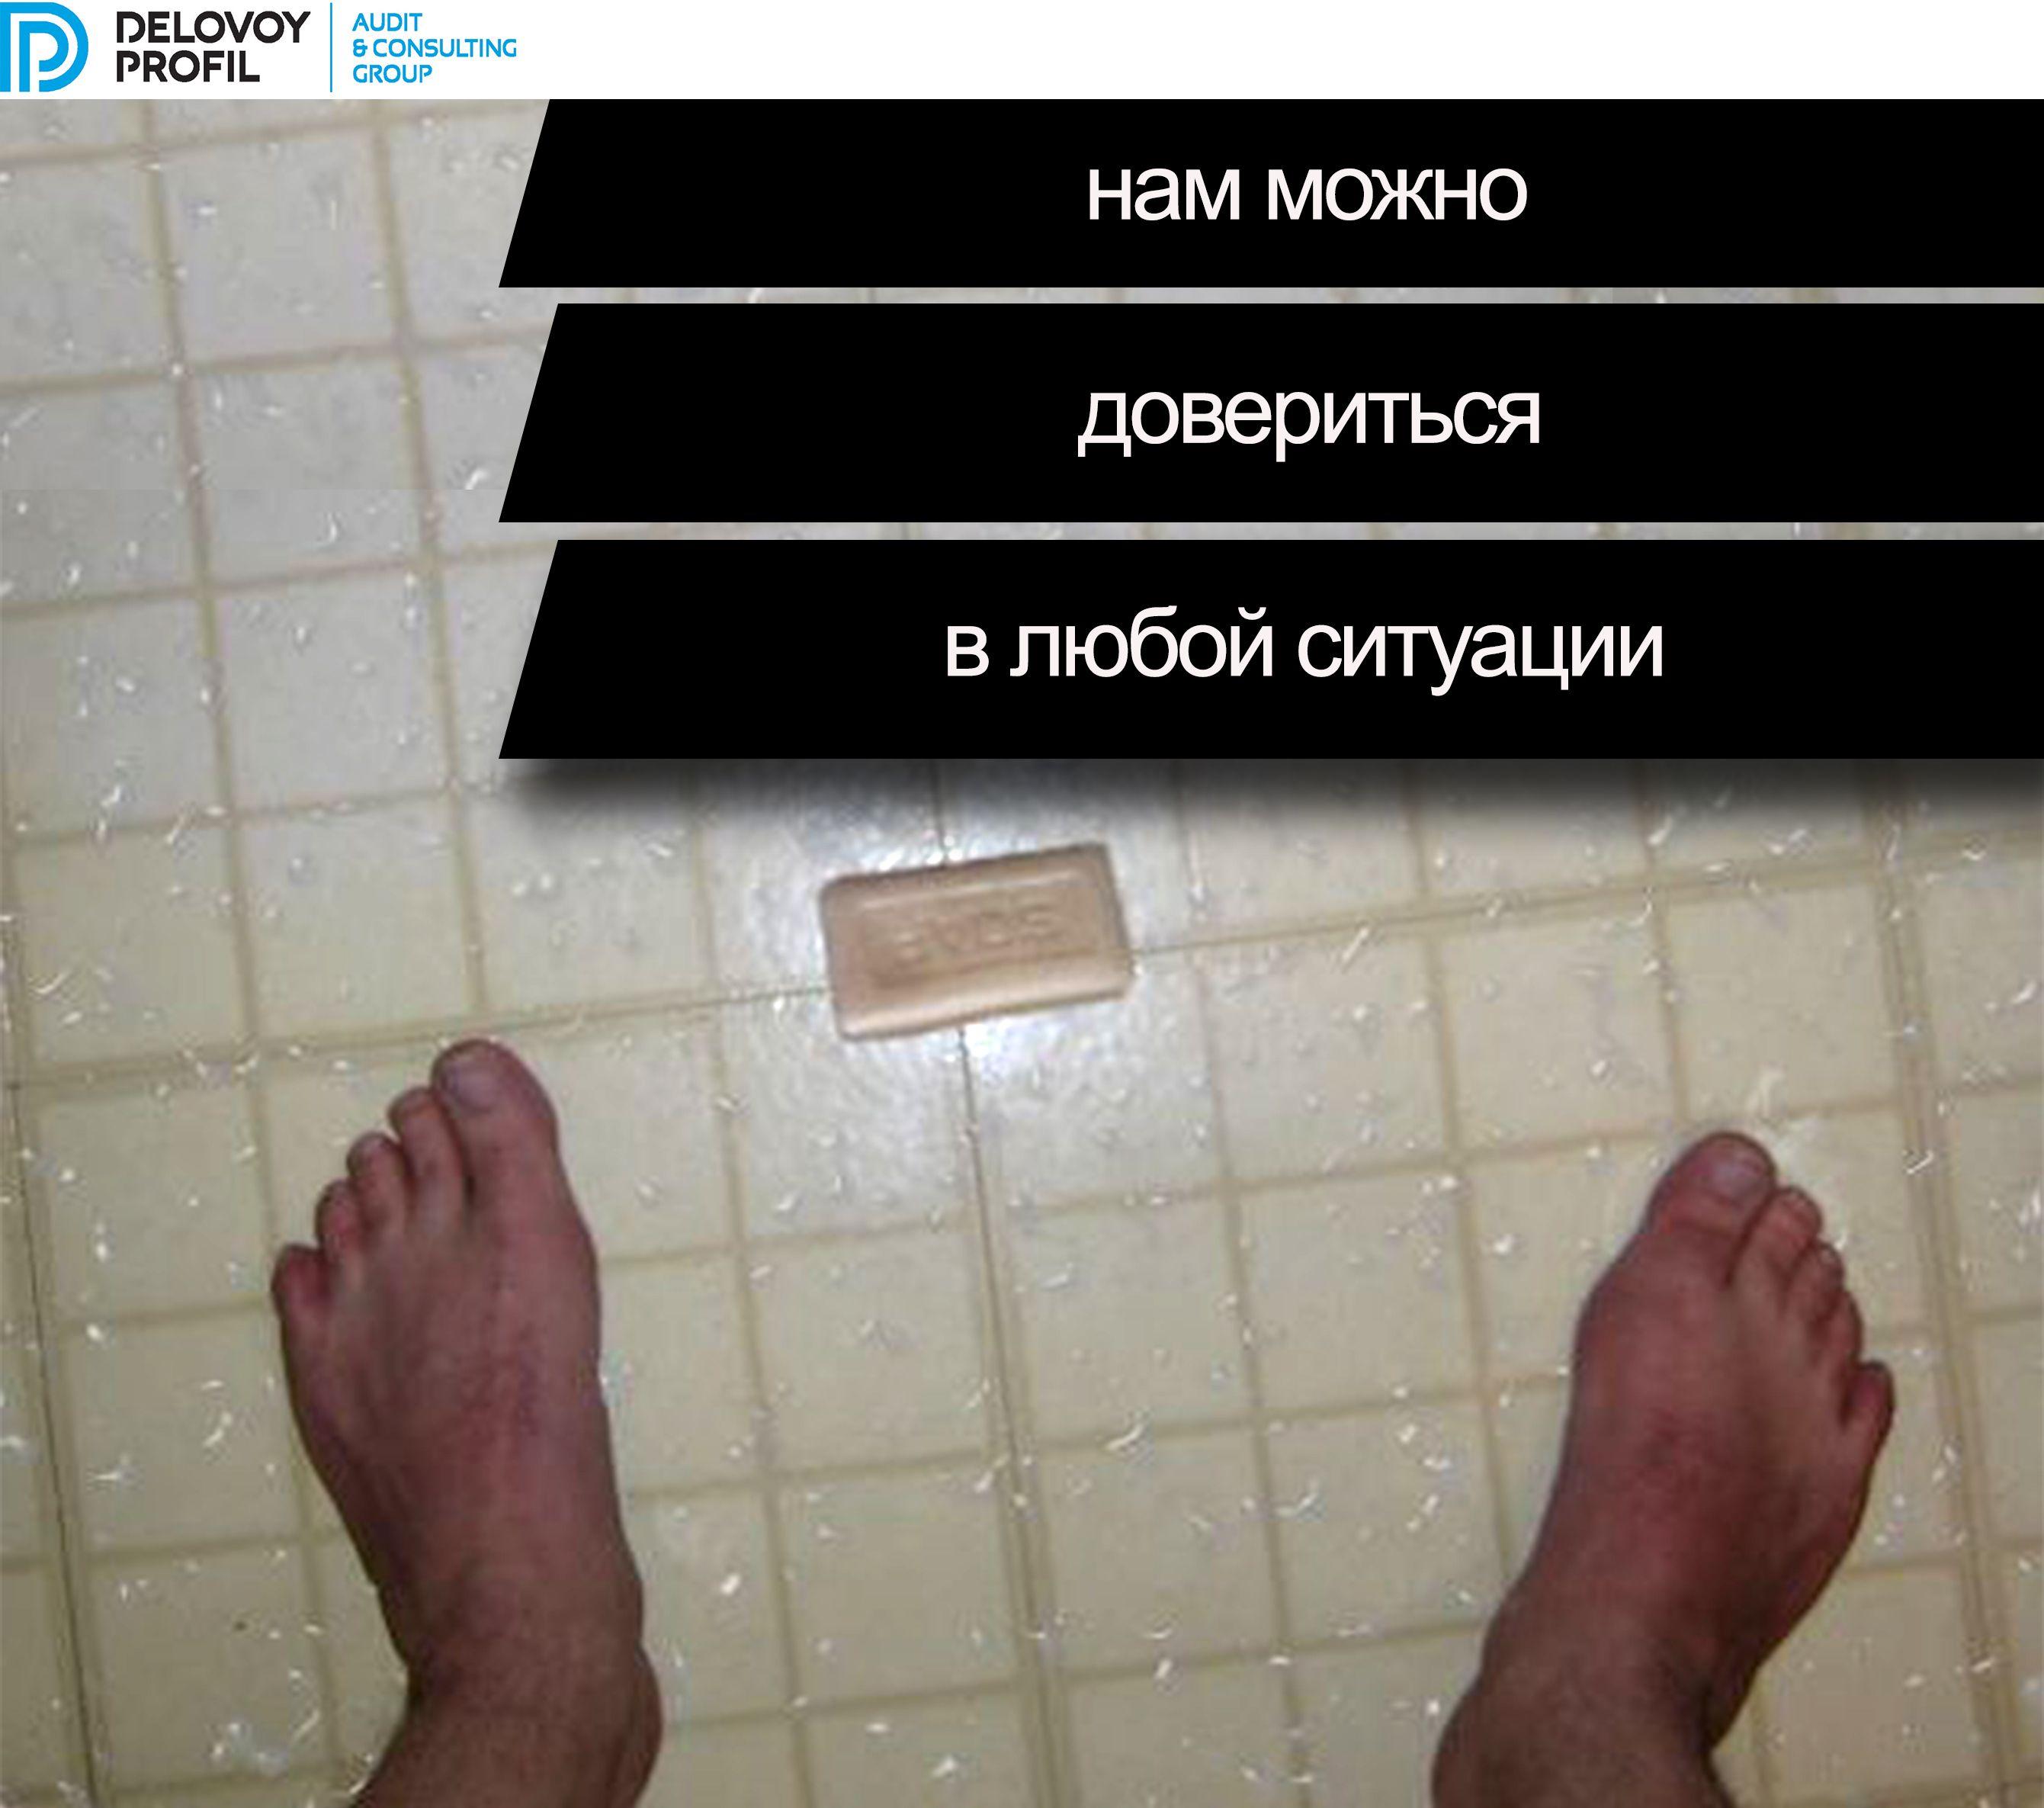 Креатив в печатный журнал - дизайнер ruslan5665